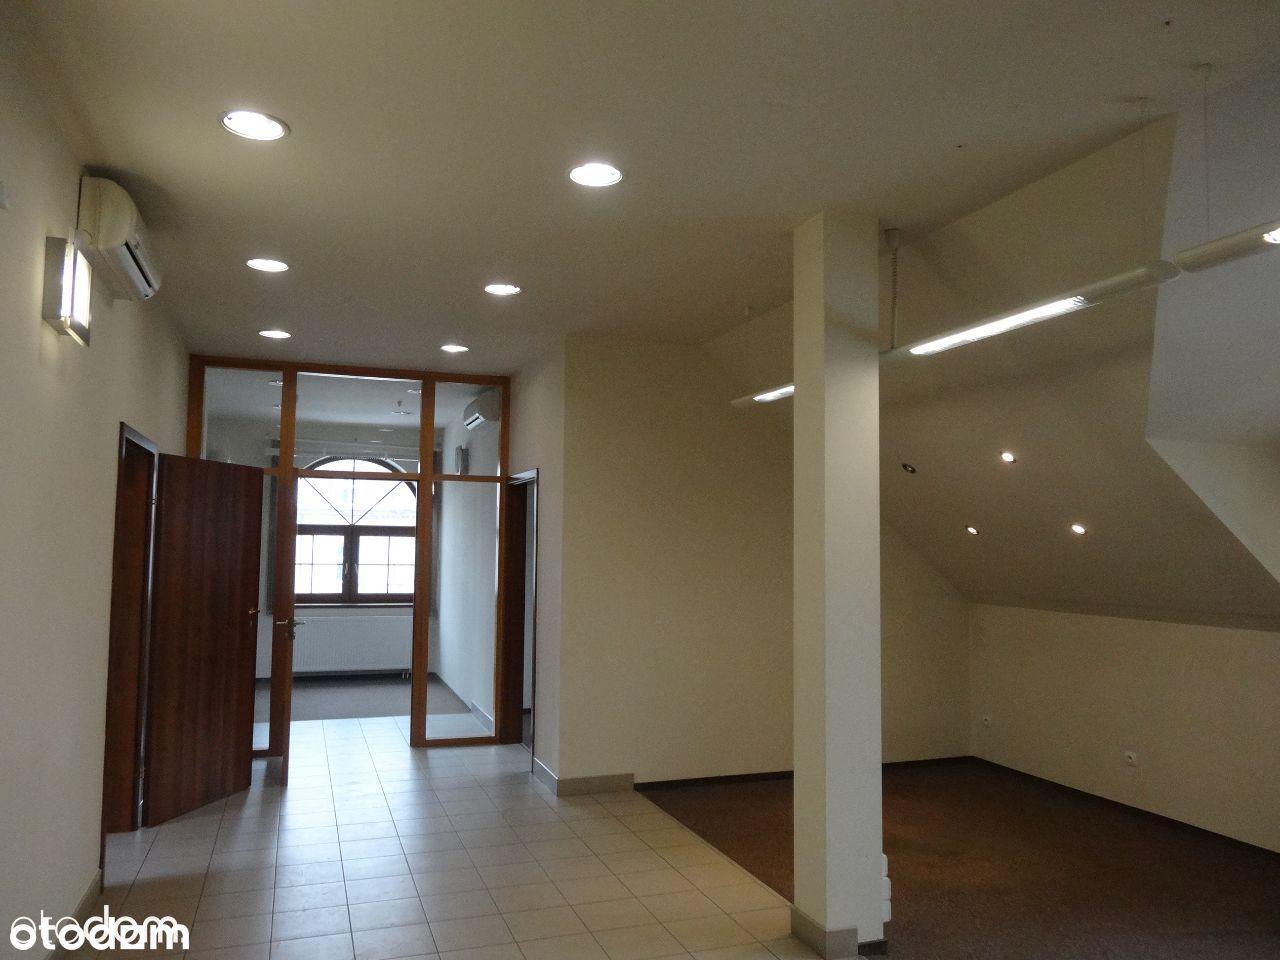 Lokal użytkowy 135 m2 Chrzanów- centrum